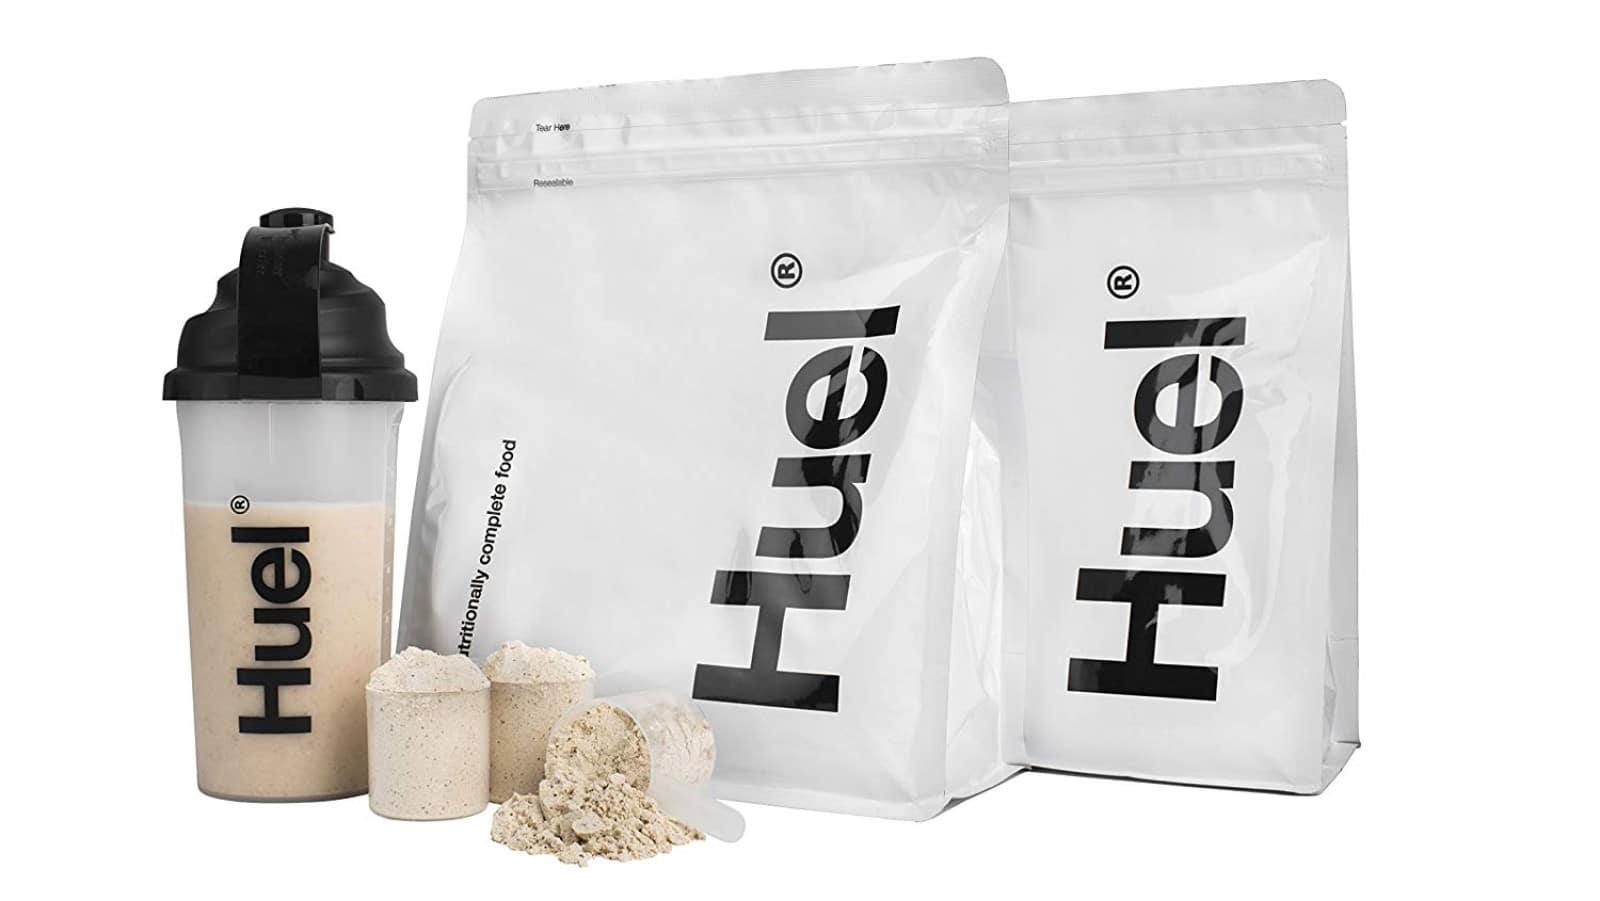 huel starter kit for fitness